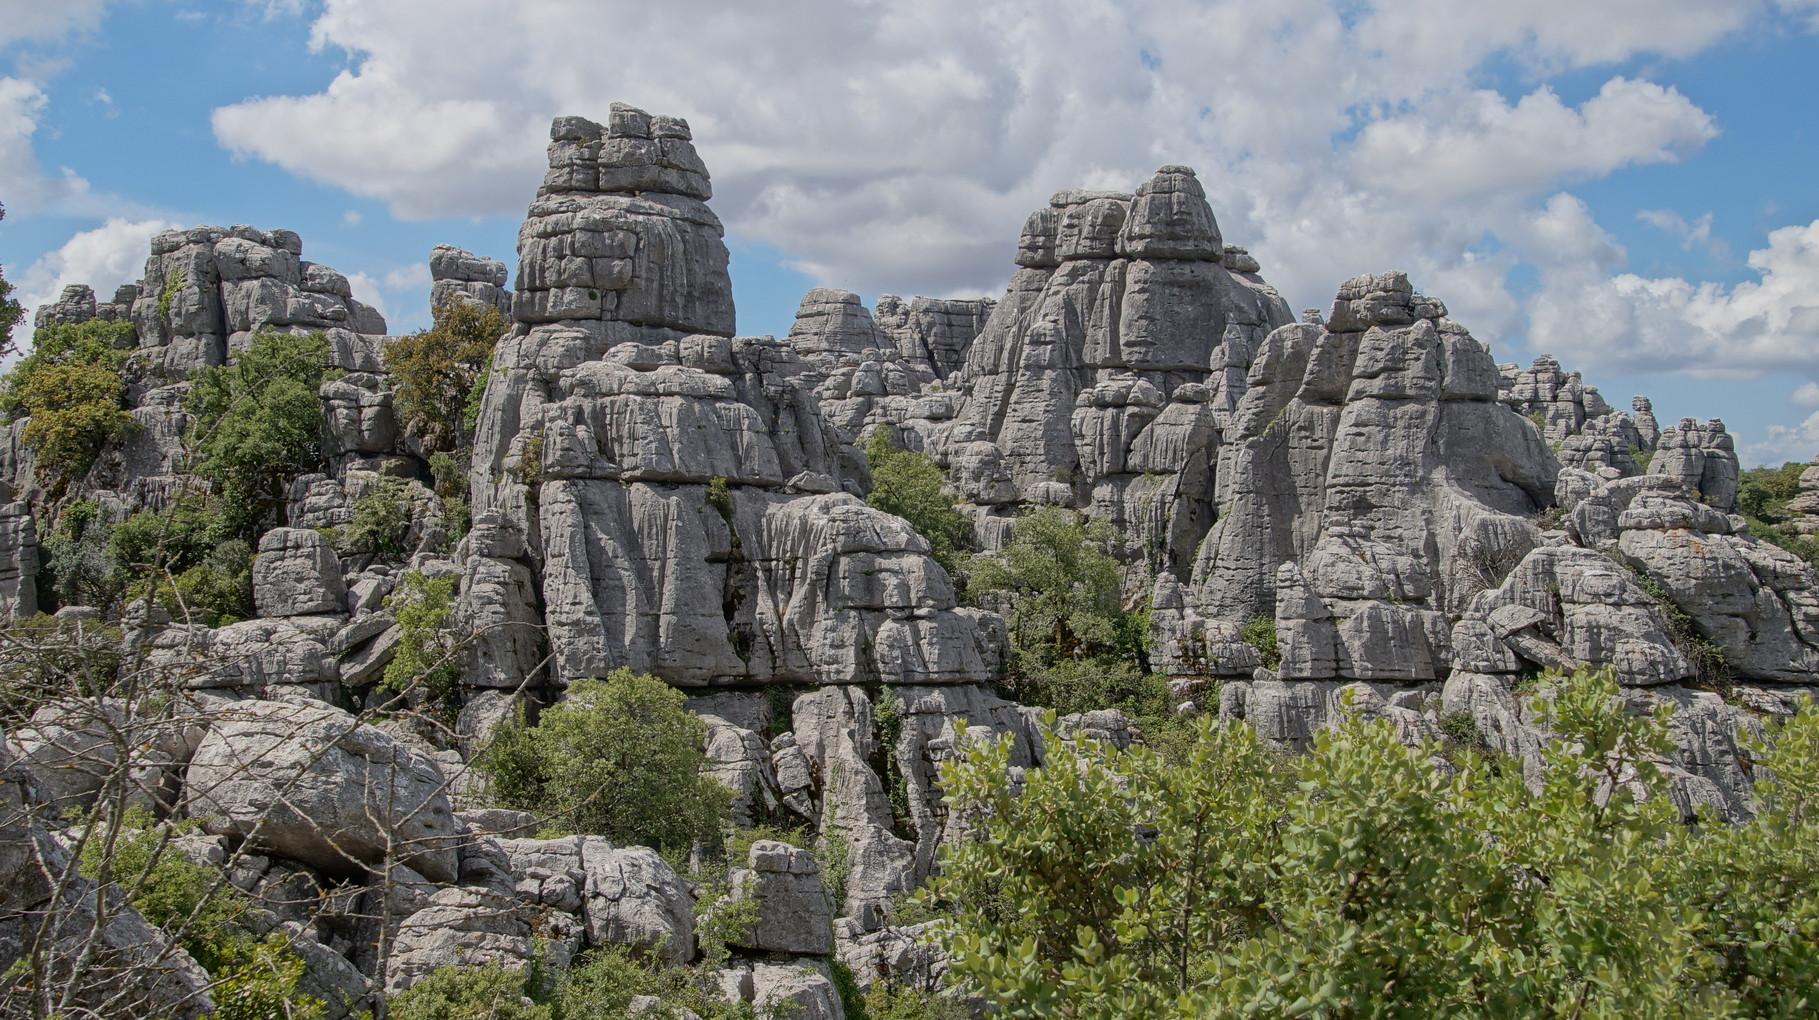 <B>Zerklüftete Felsen und Schluchten wechseln einander ab. Hohe Säulen aus Steinplatten unterschiedlicher Größe sehen aus, als wären sie künstlich aufeinander gestapelt worden.</B>